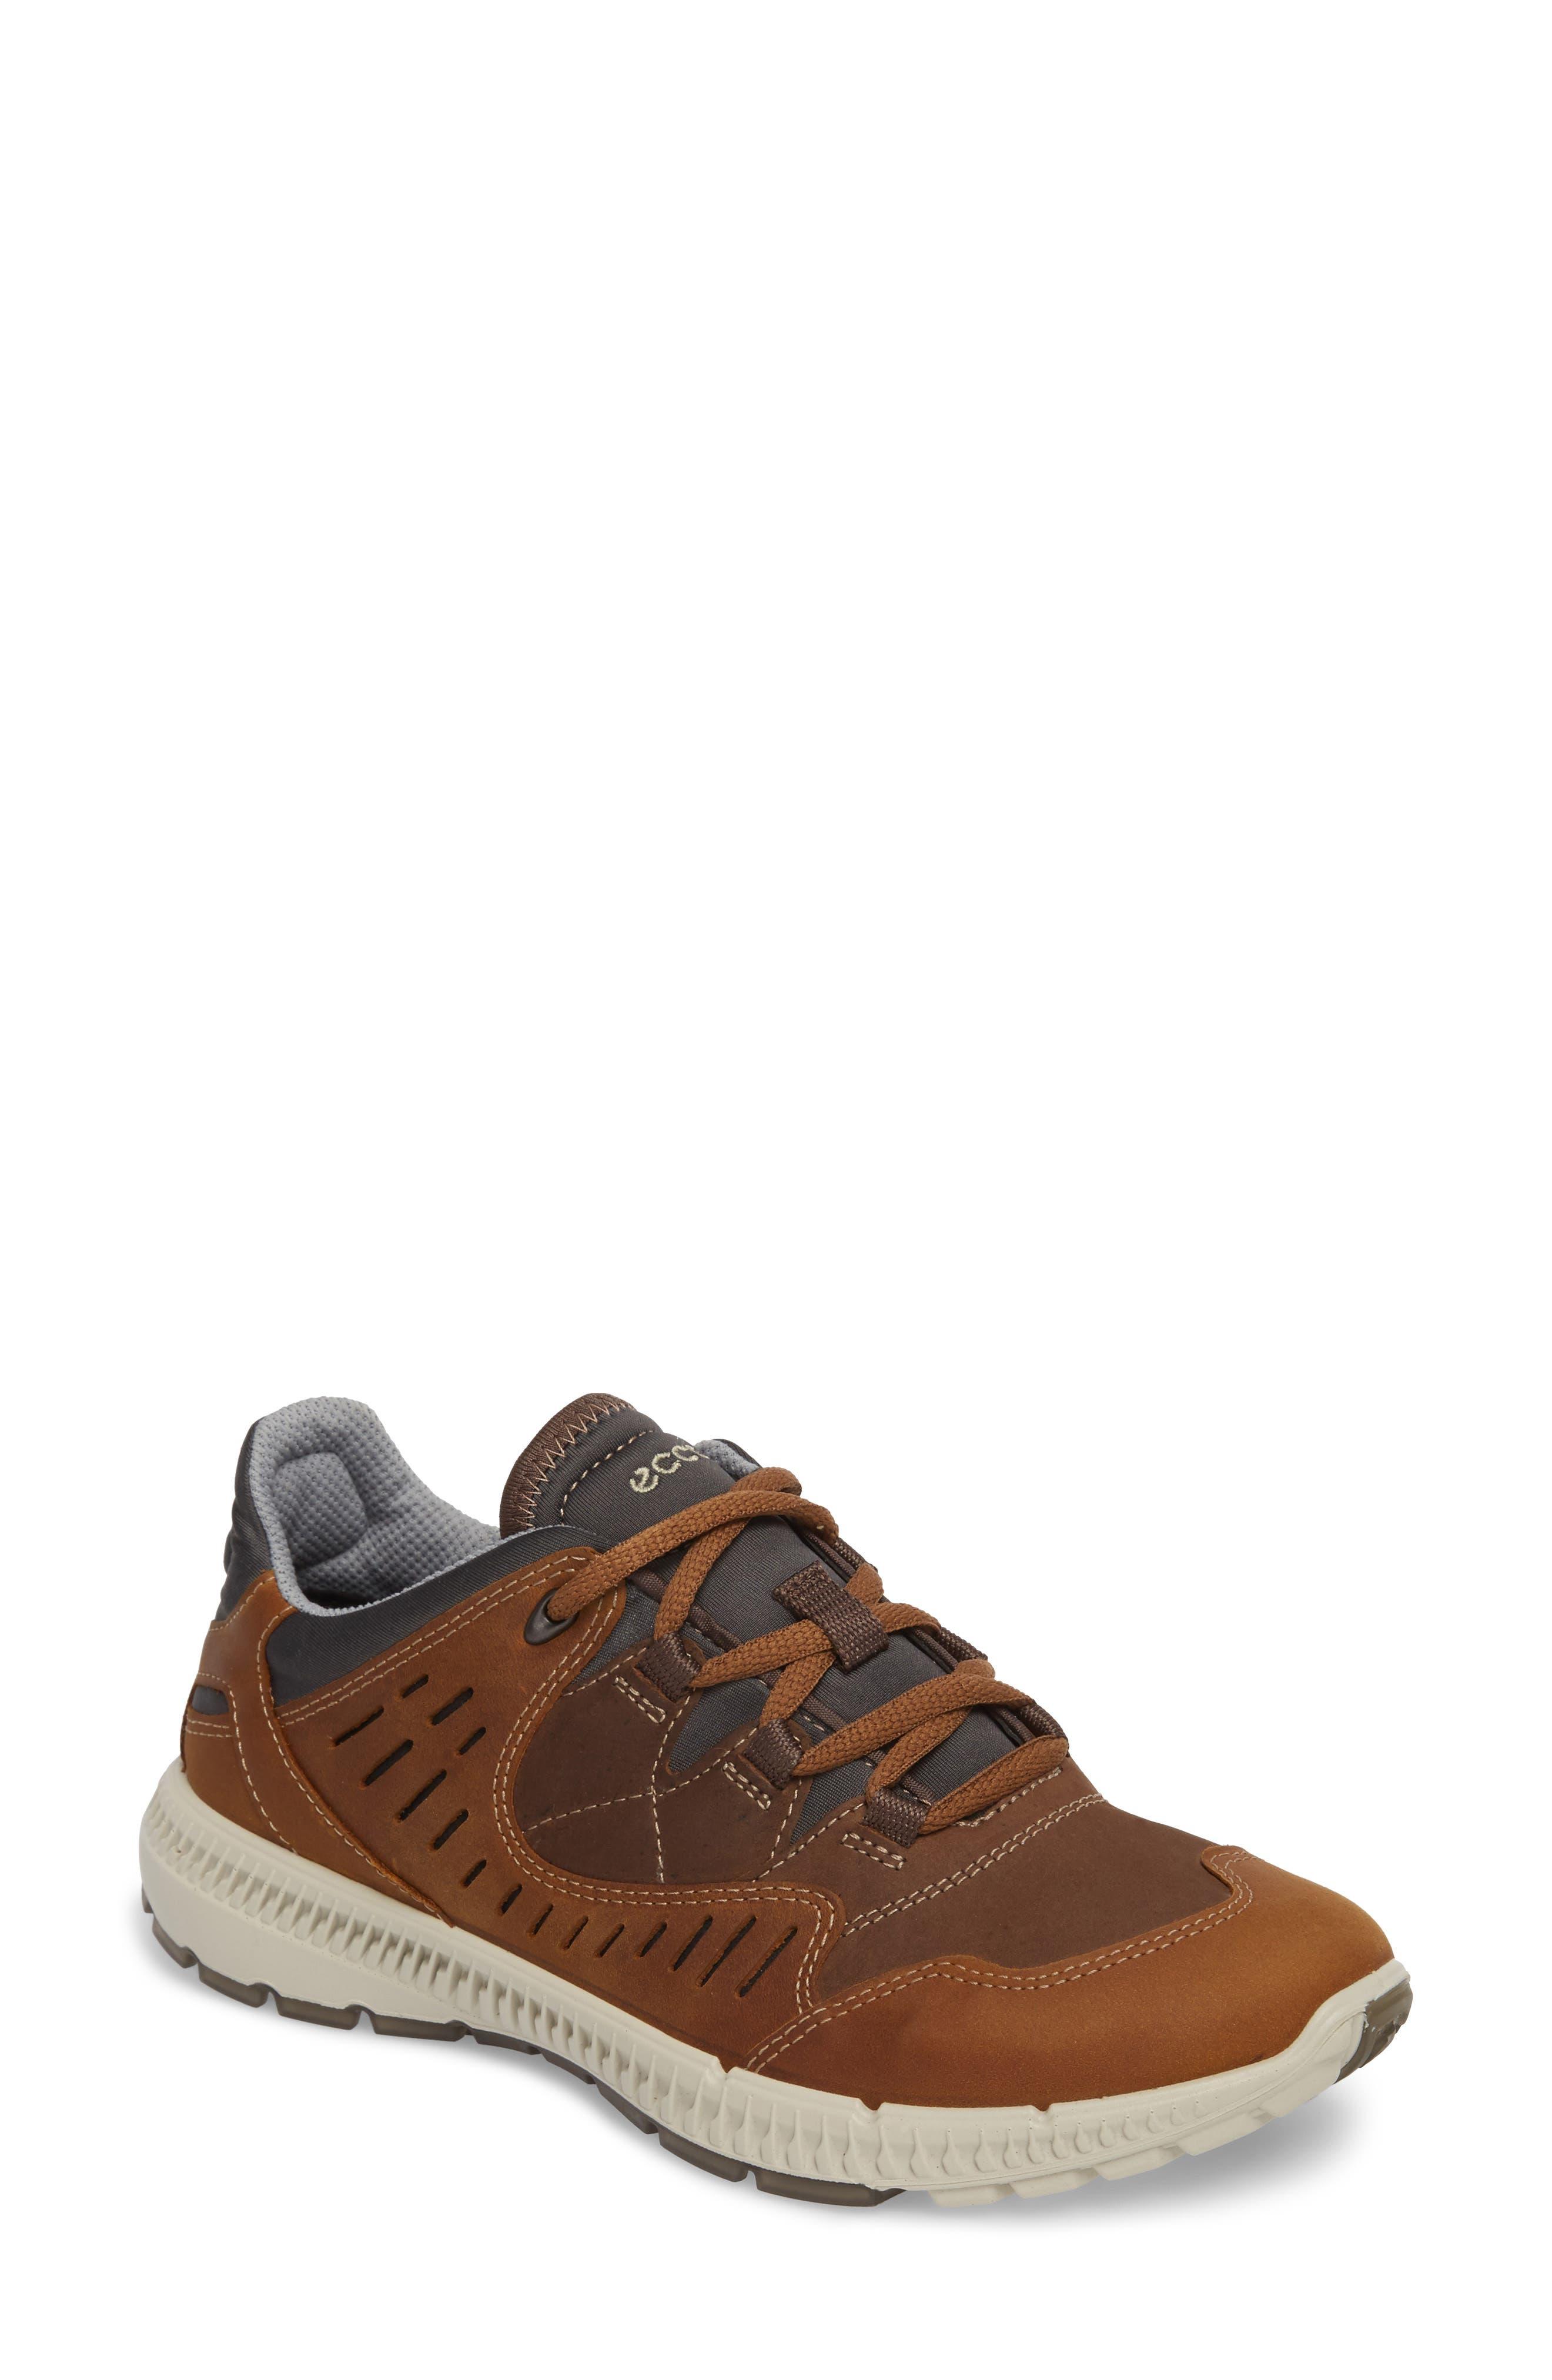 Terrawalk Sneaker,                         Main,                         color, Camel Leather